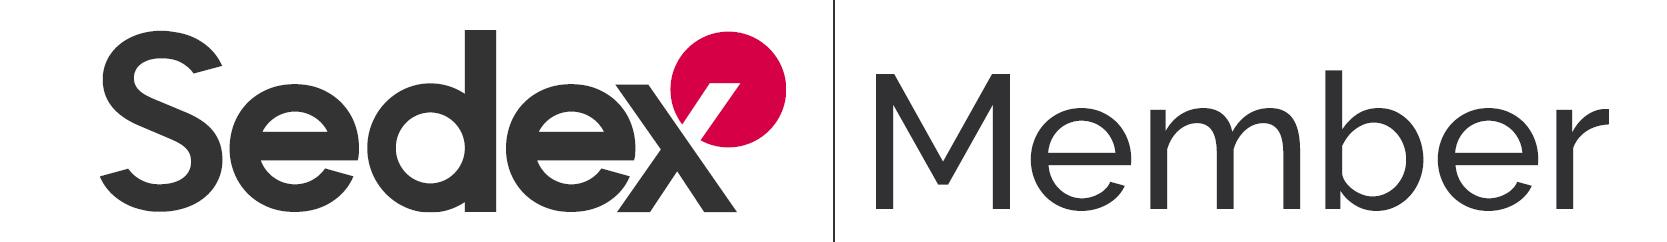 Sedex member logo